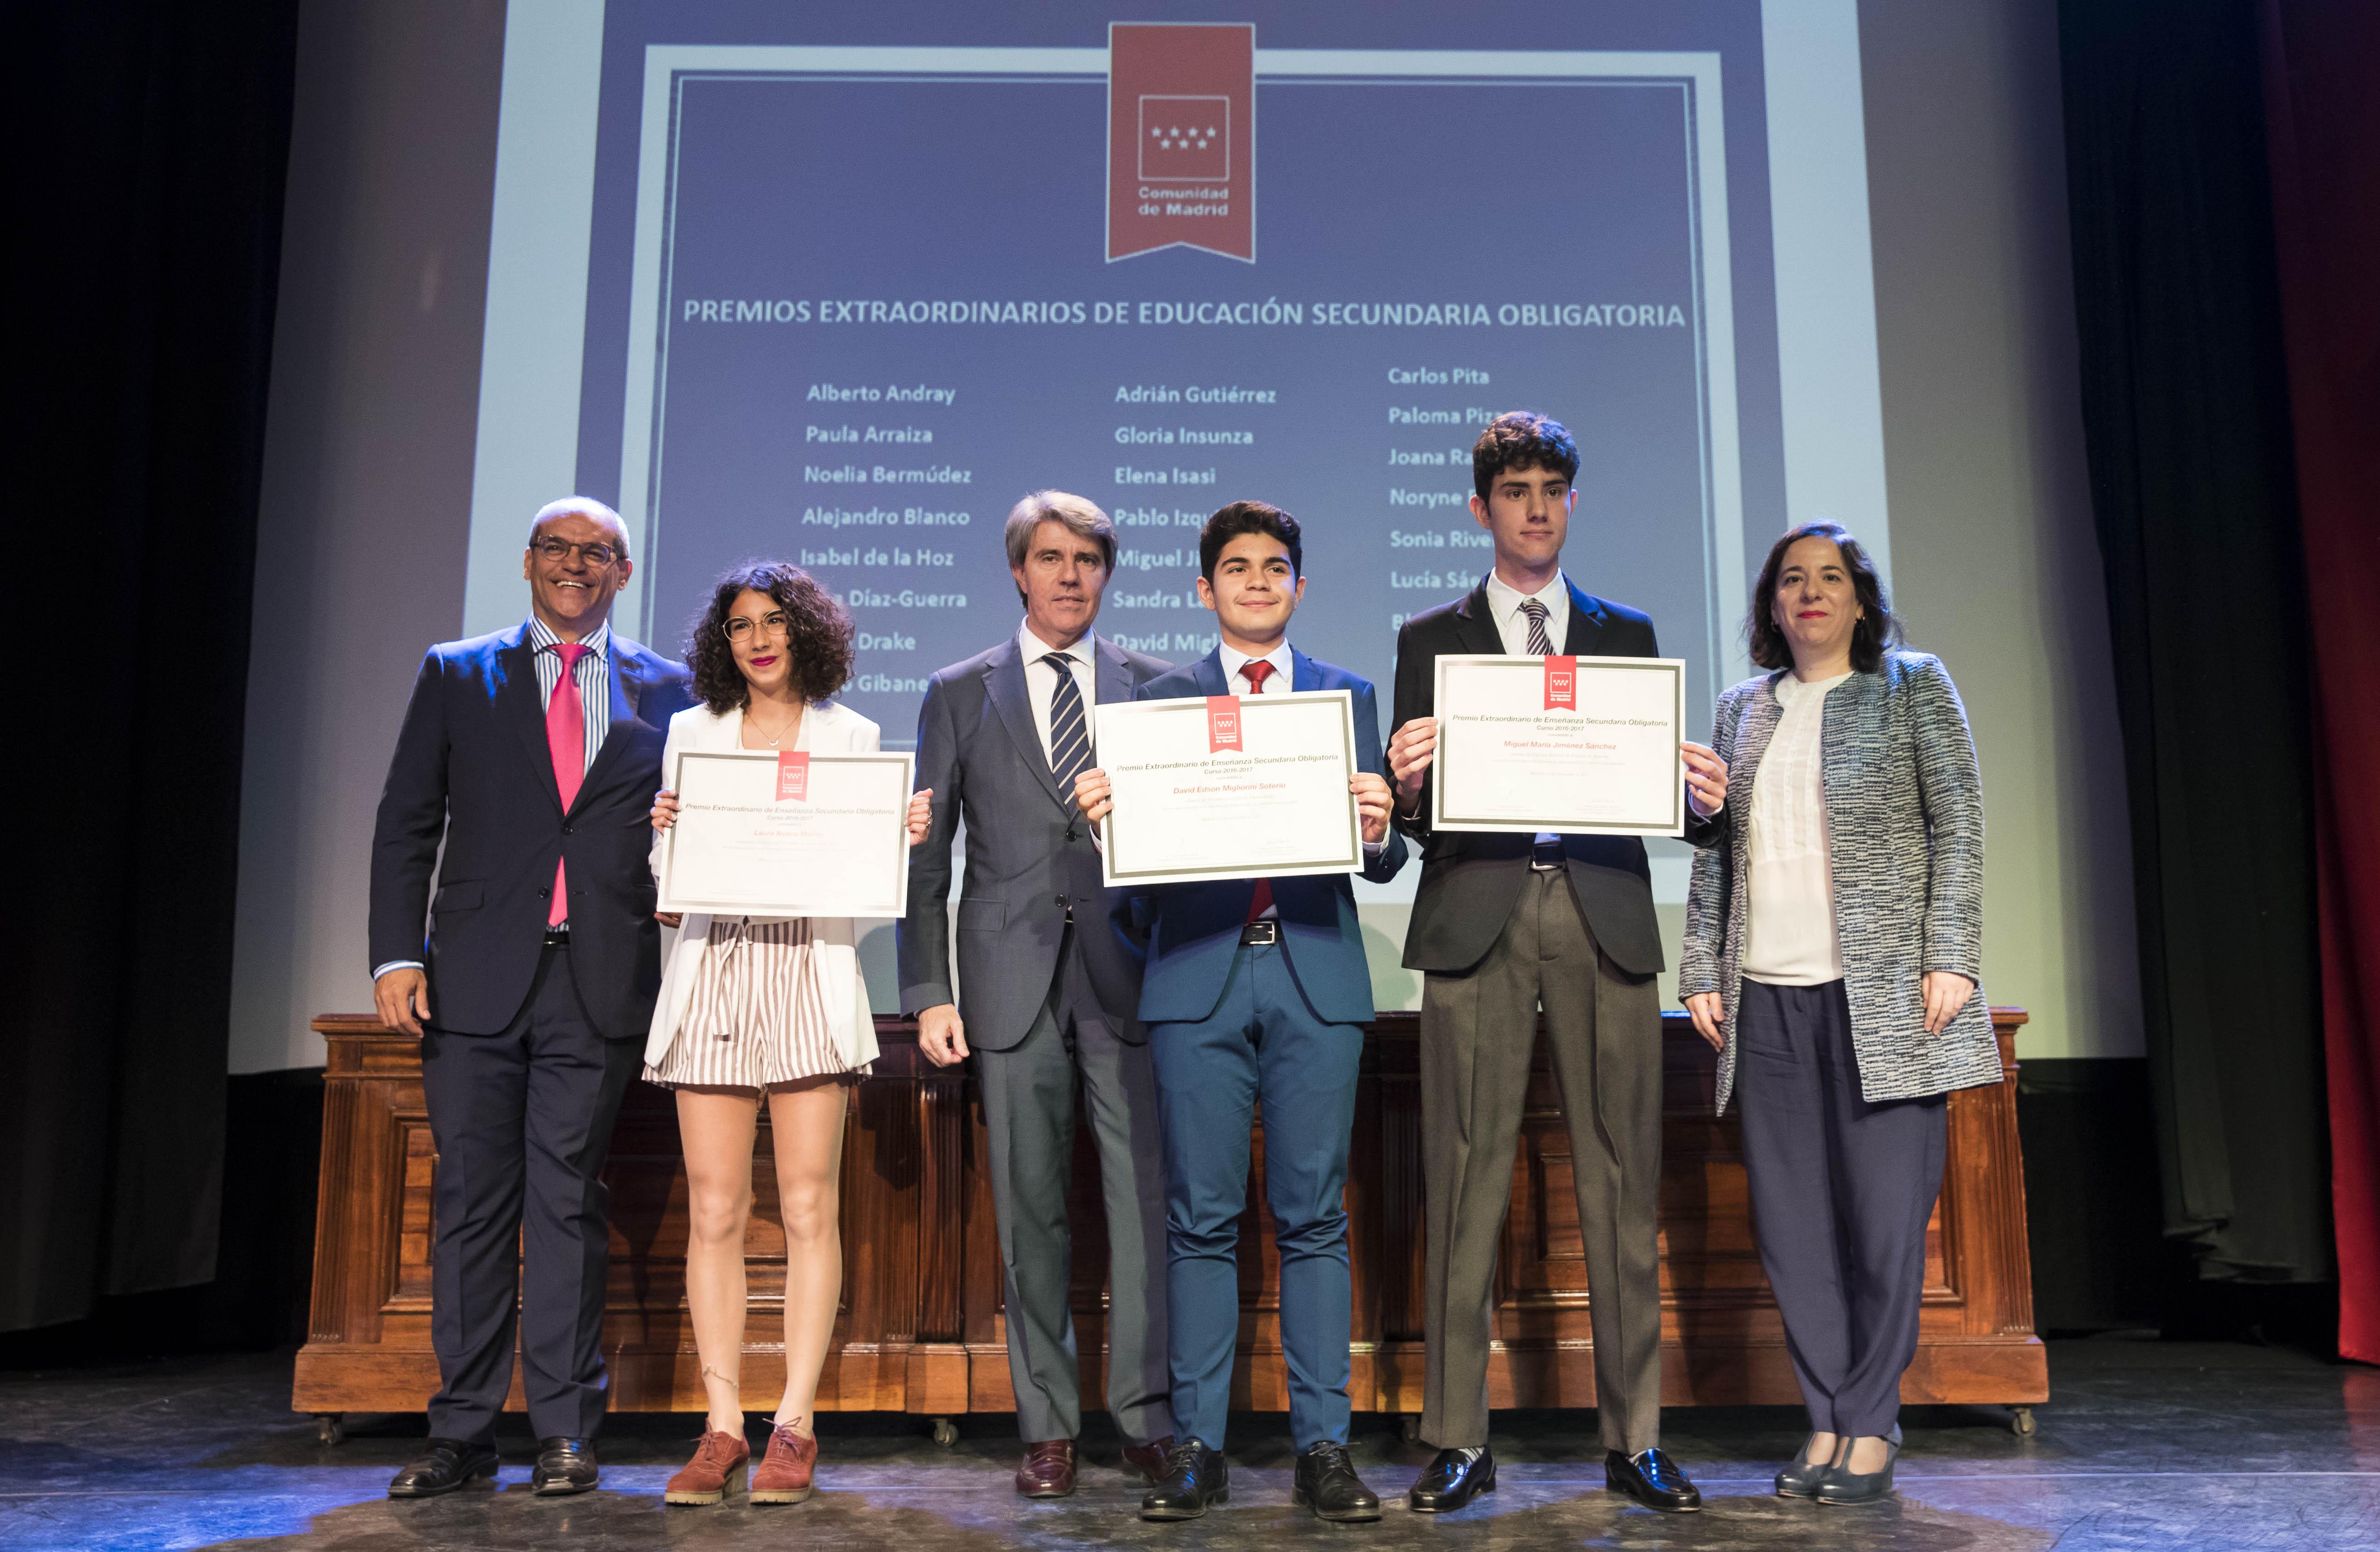 Entrega de los premios extraordinarios correspondientes al curso 2016/2017 7